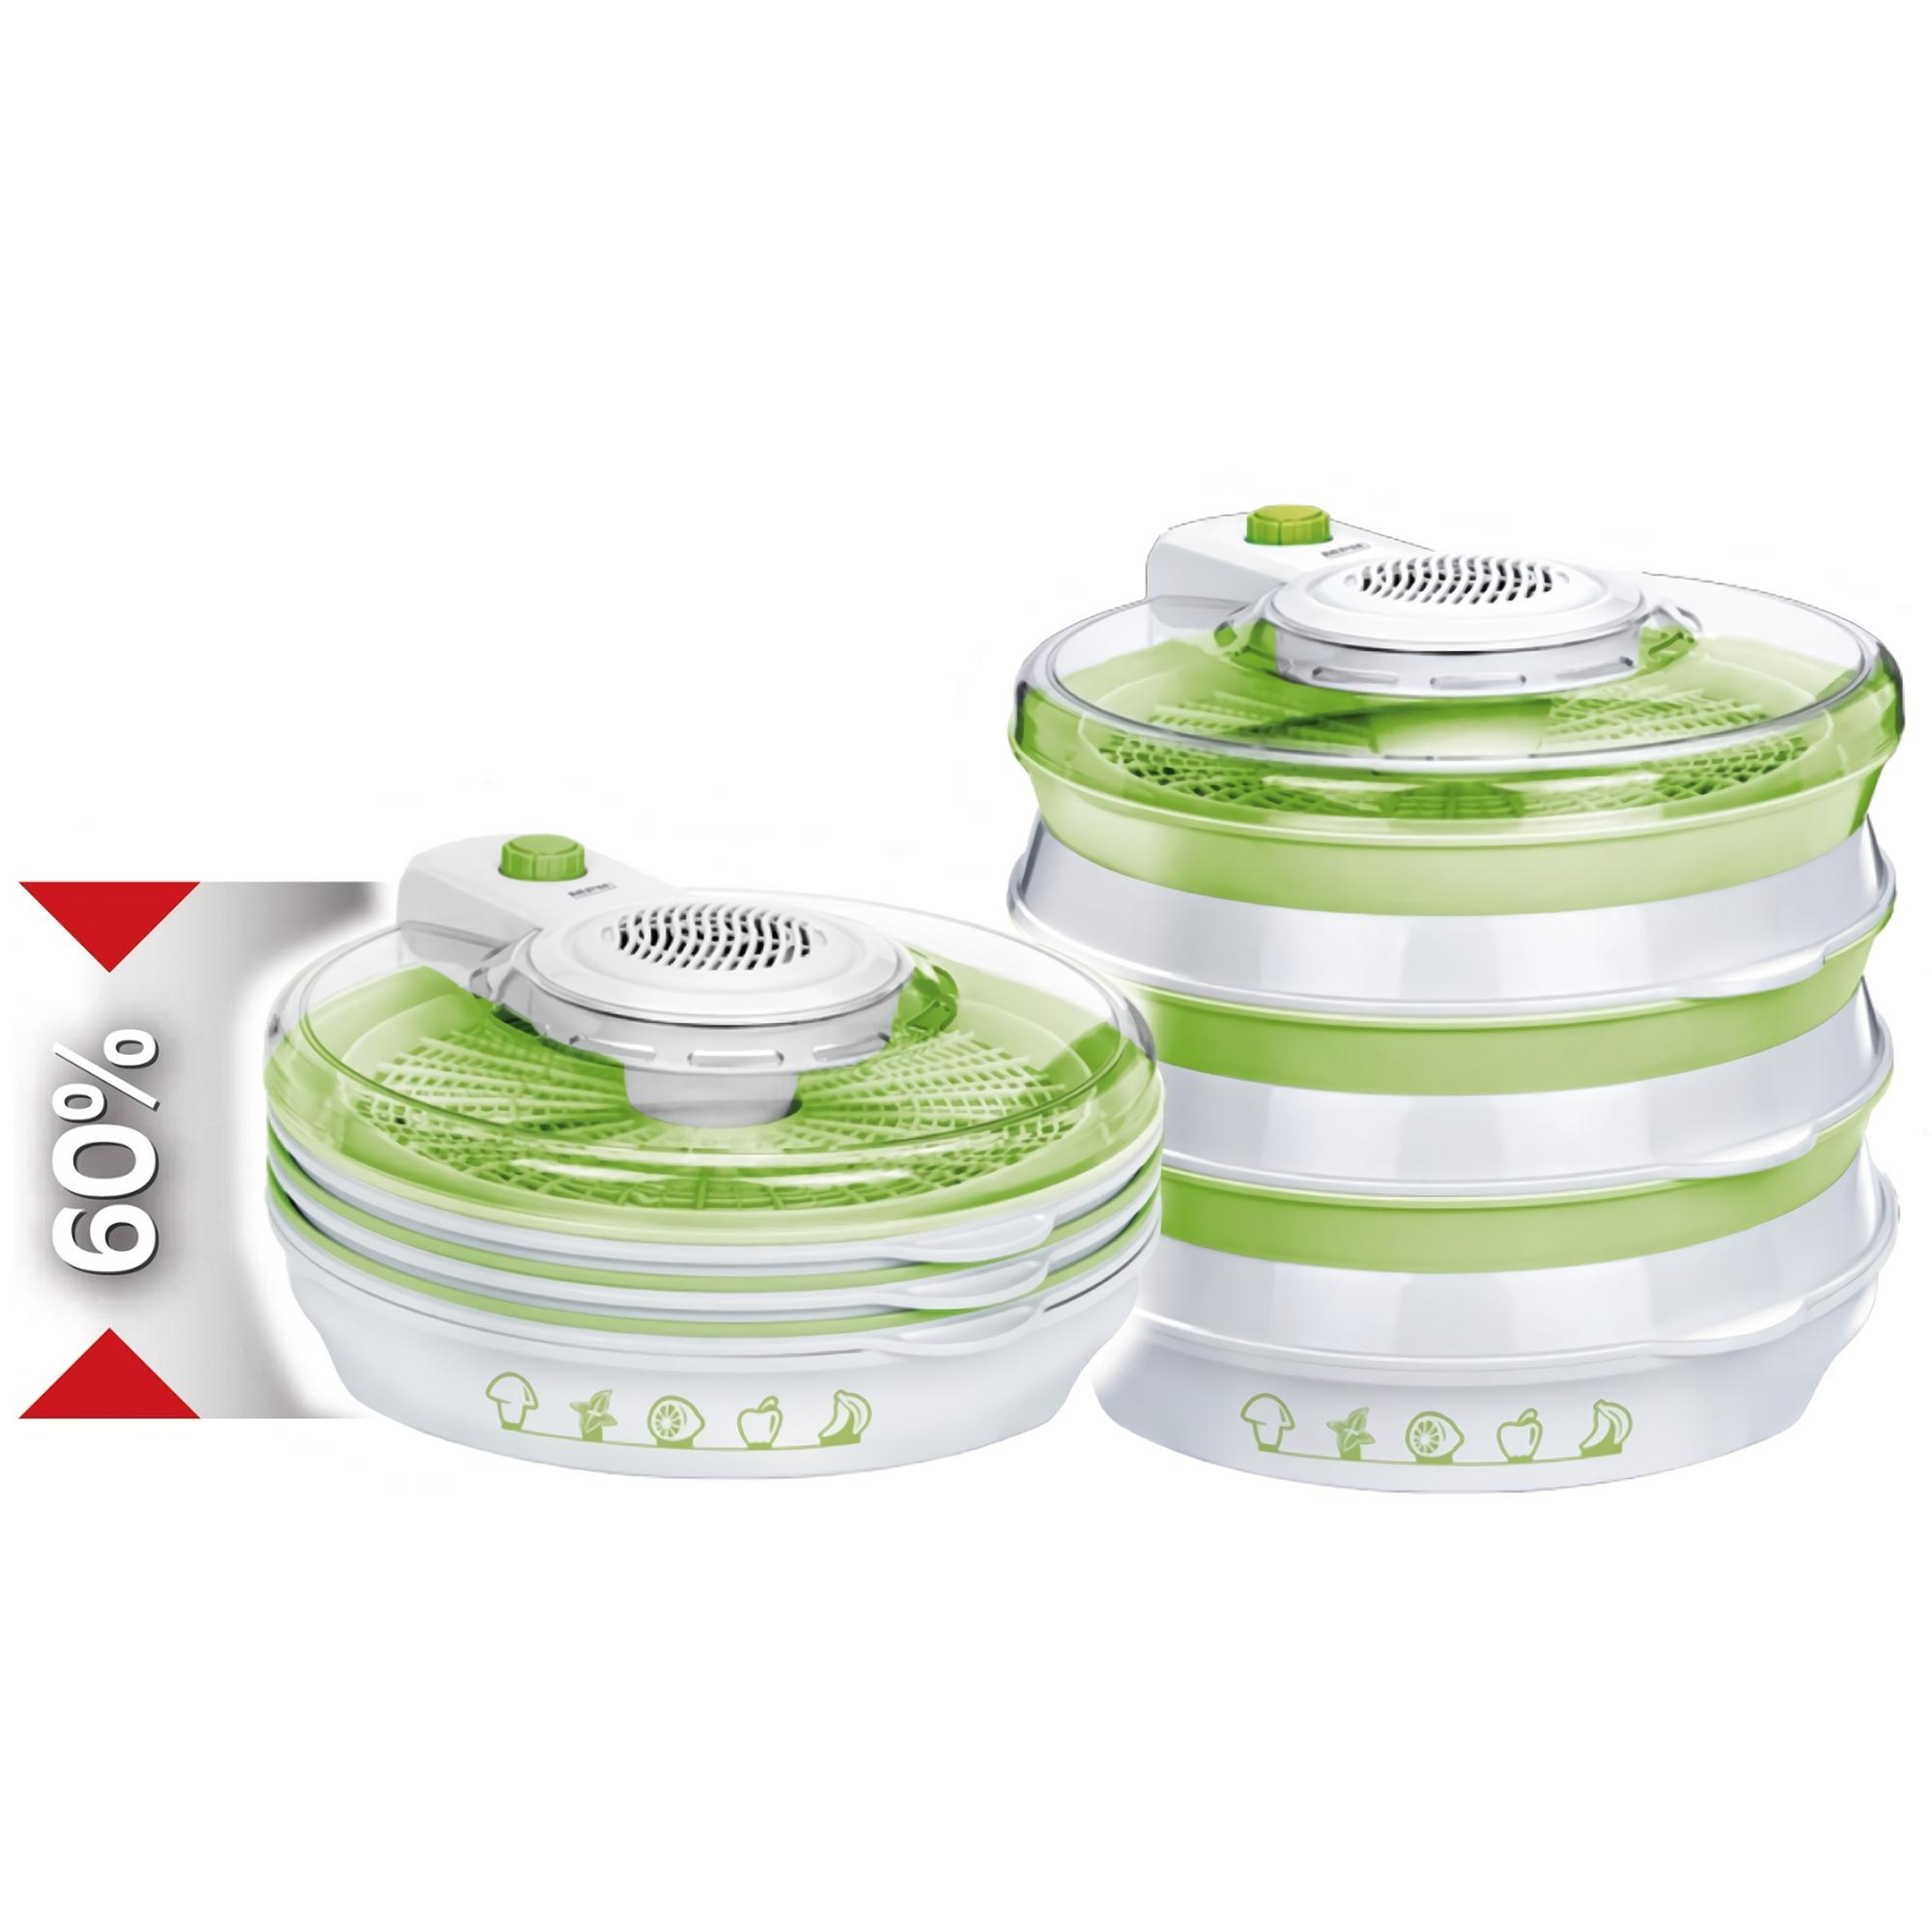 MPM MSG-06 Deshidratador de Alimentos plegable, 6 Bandejas de 30 cm, 2 Niveles de Potencia, frutas, setas y verduras, 400W